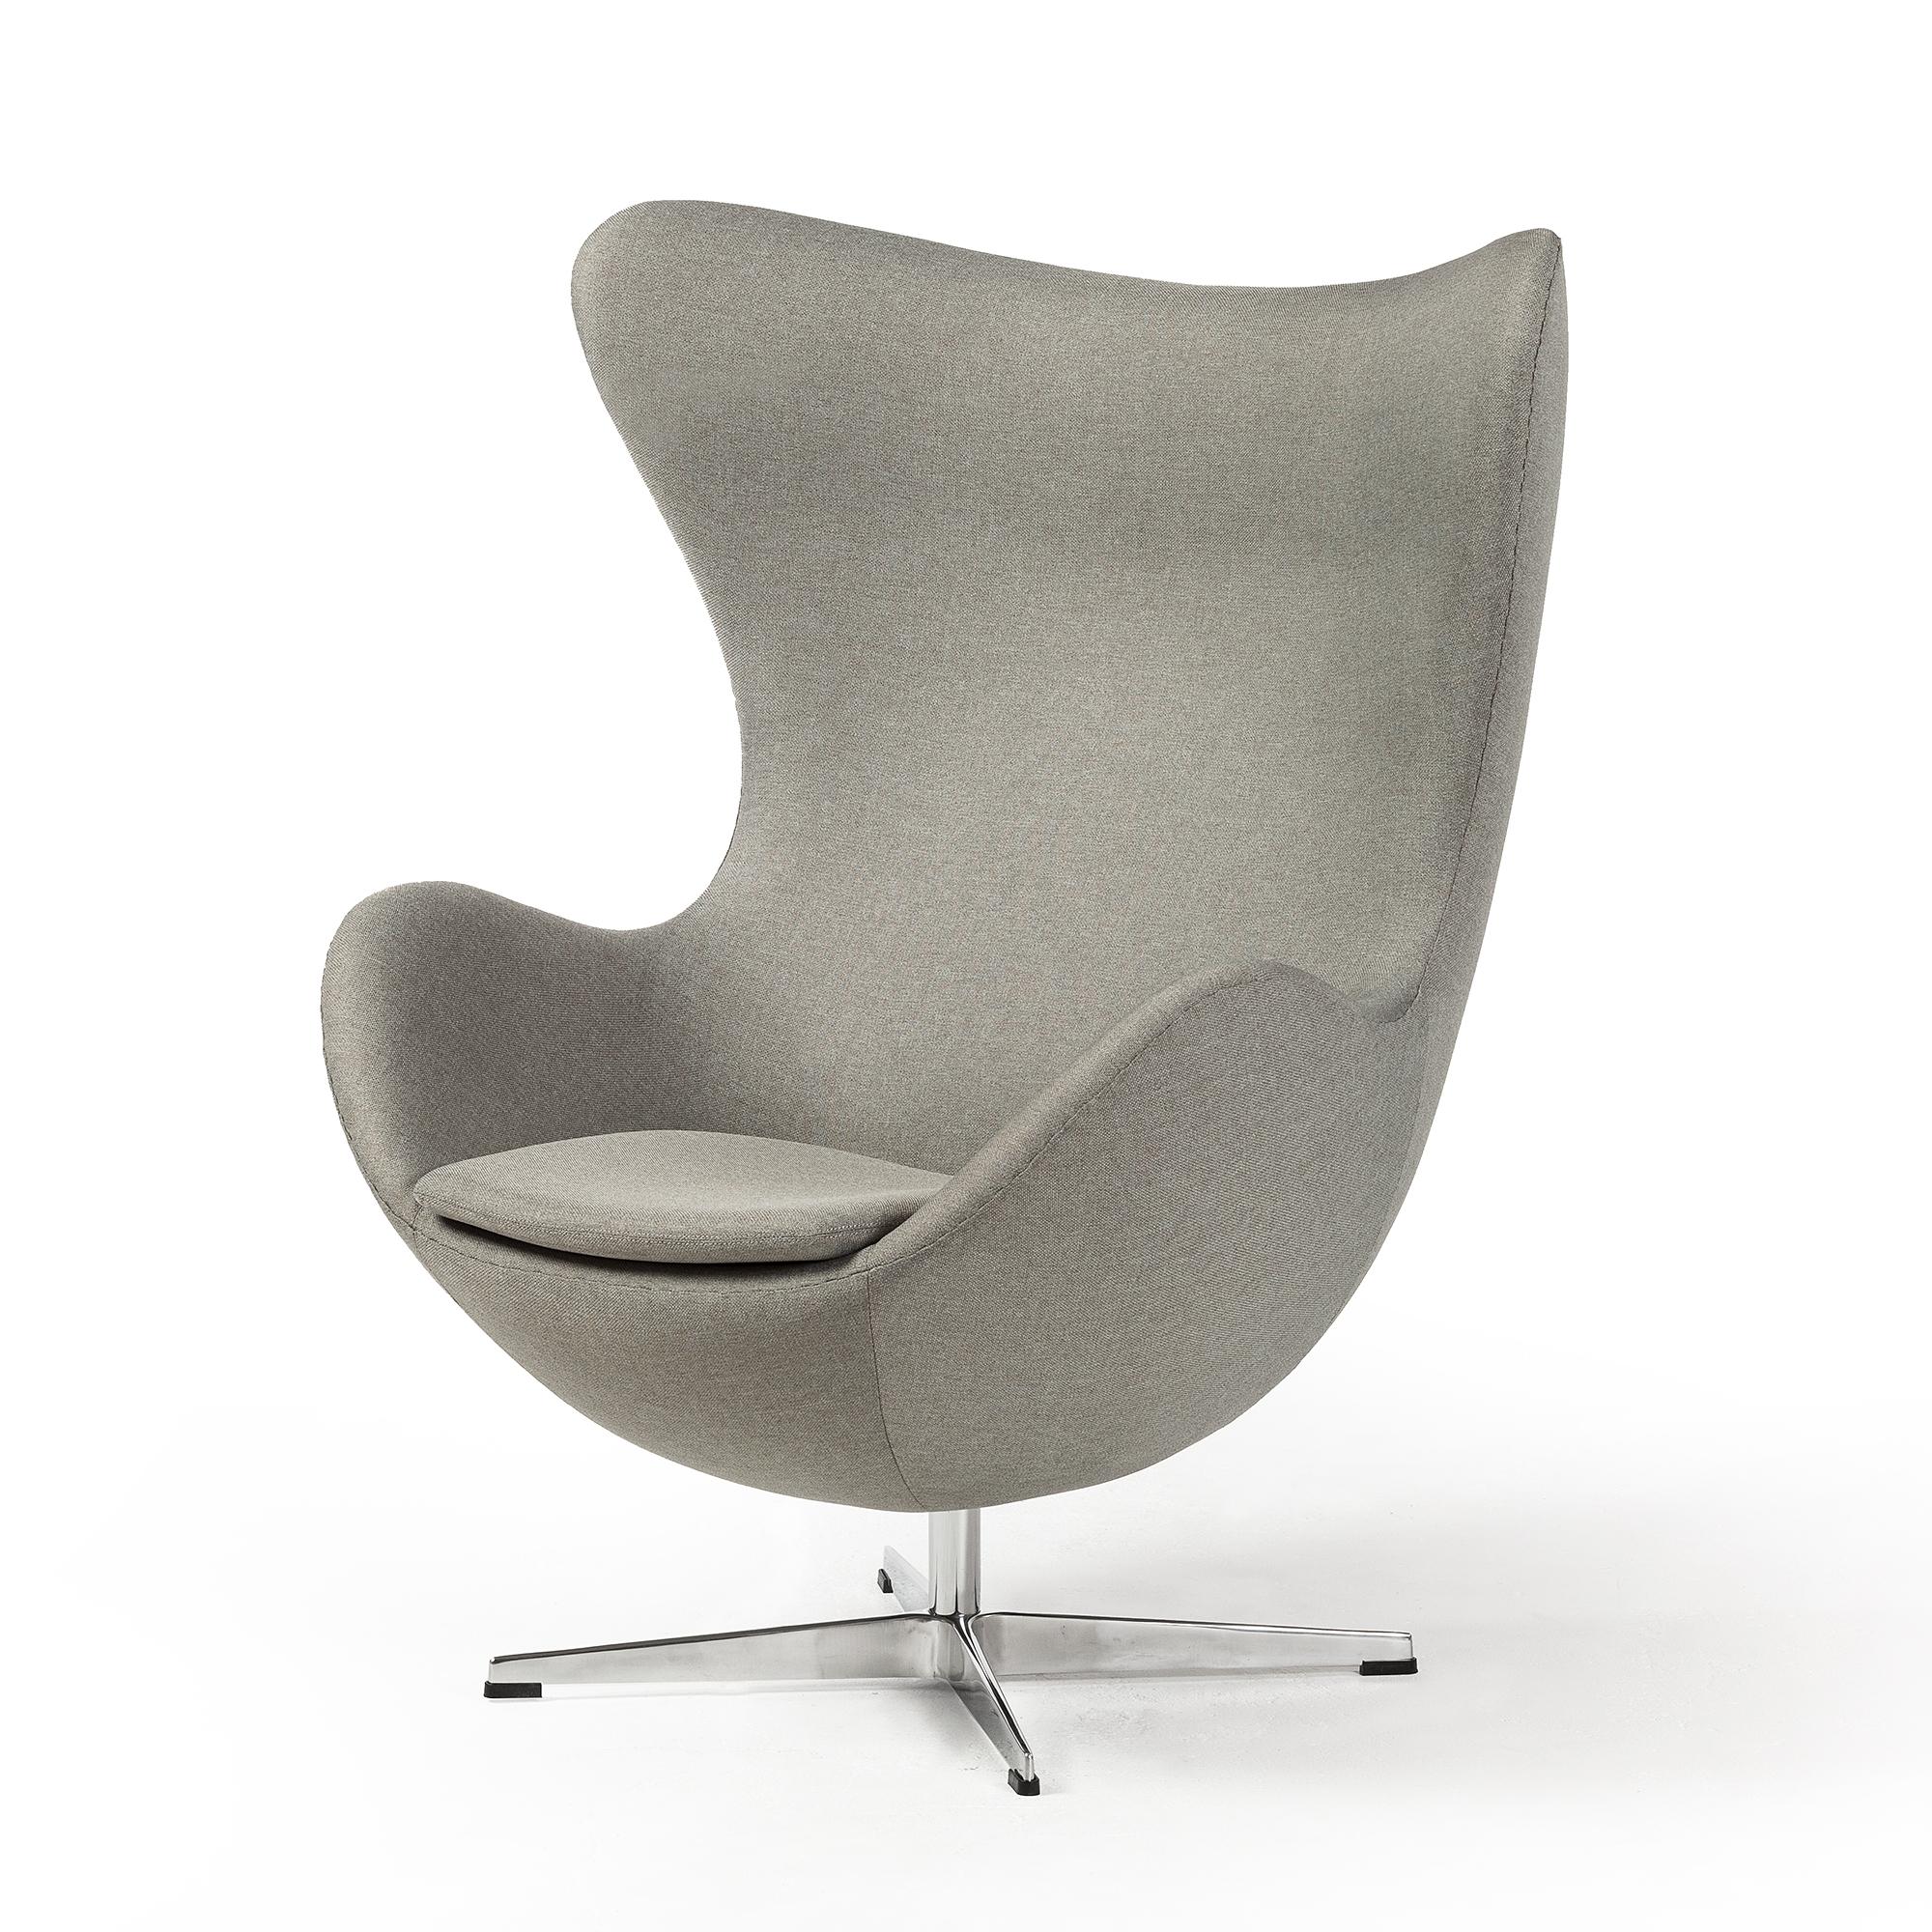 Arne Jacobsen Egg Chair.Arne Jacobsen Inspired Egg Swivel Chair In Grey The Khazana